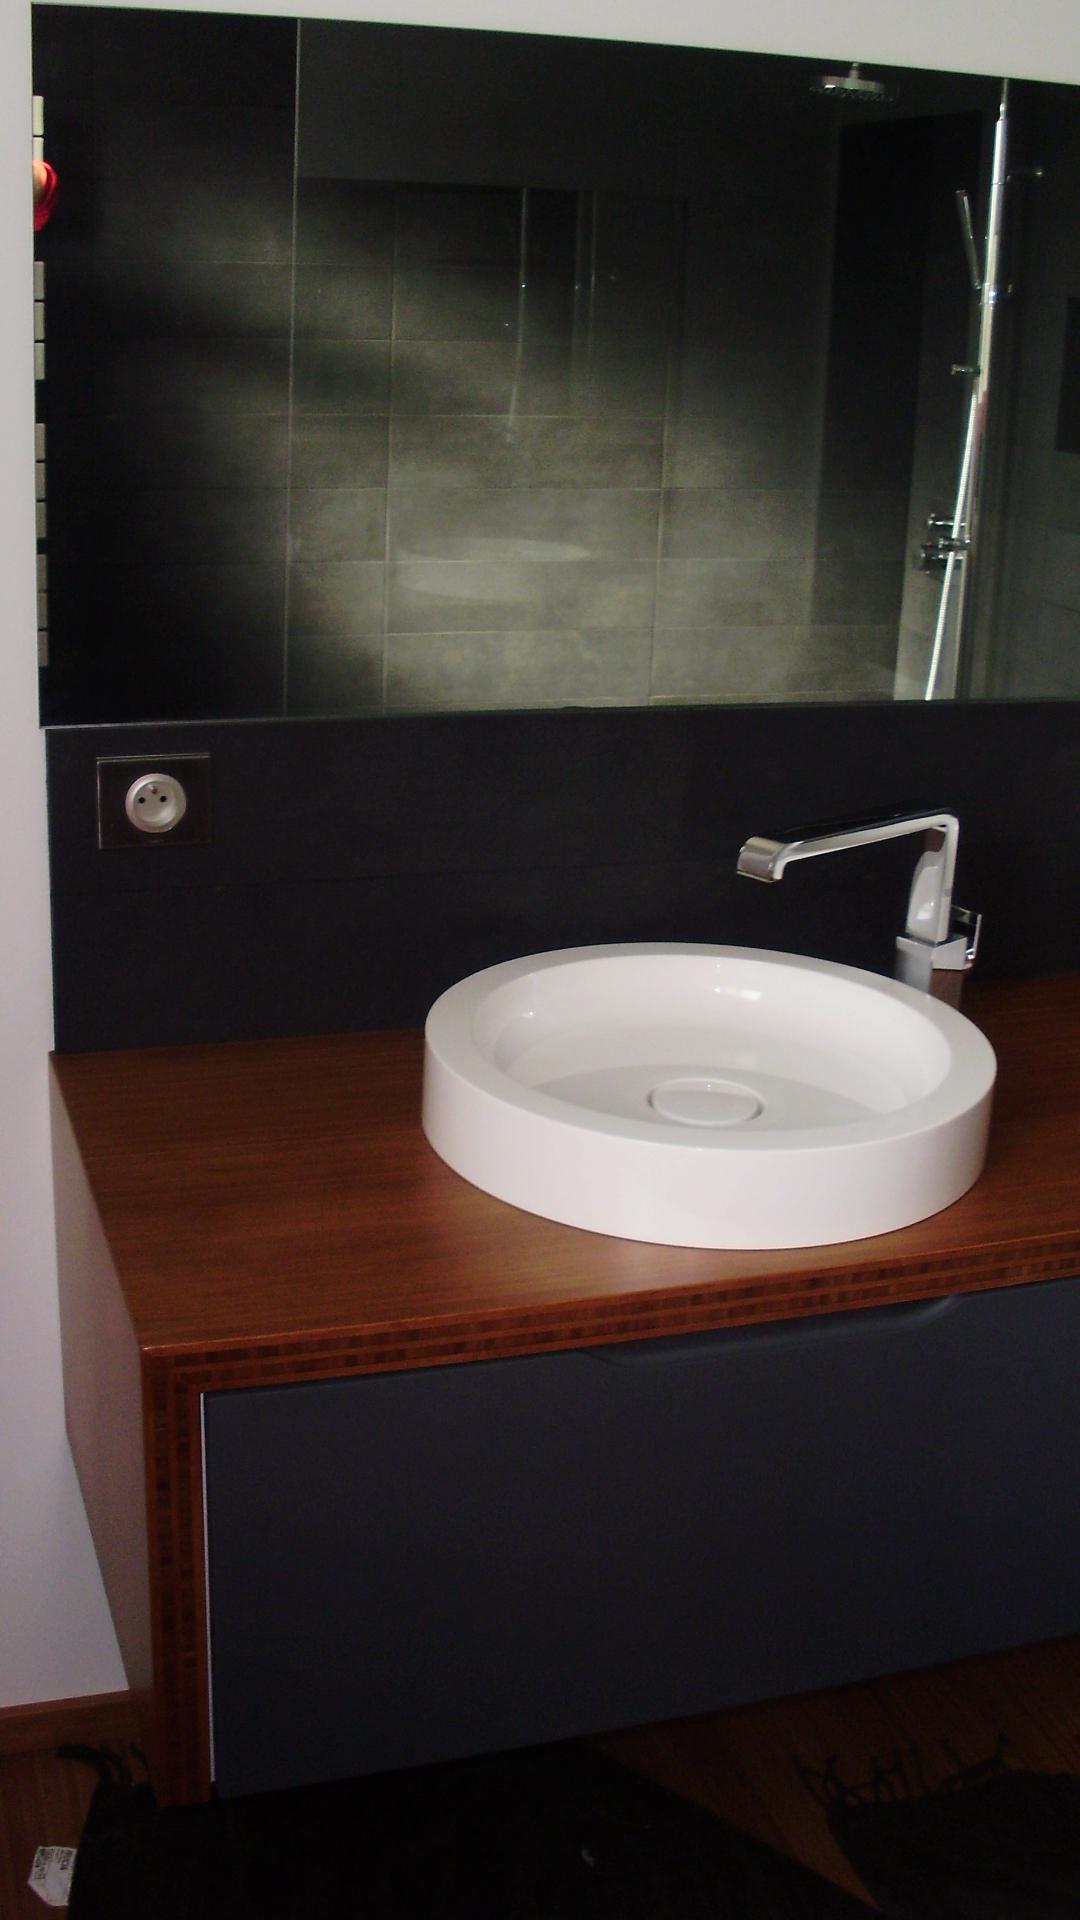 am nagement de salle de bain julien ravanne julien ravanne. Black Bedroom Furniture Sets. Home Design Ideas